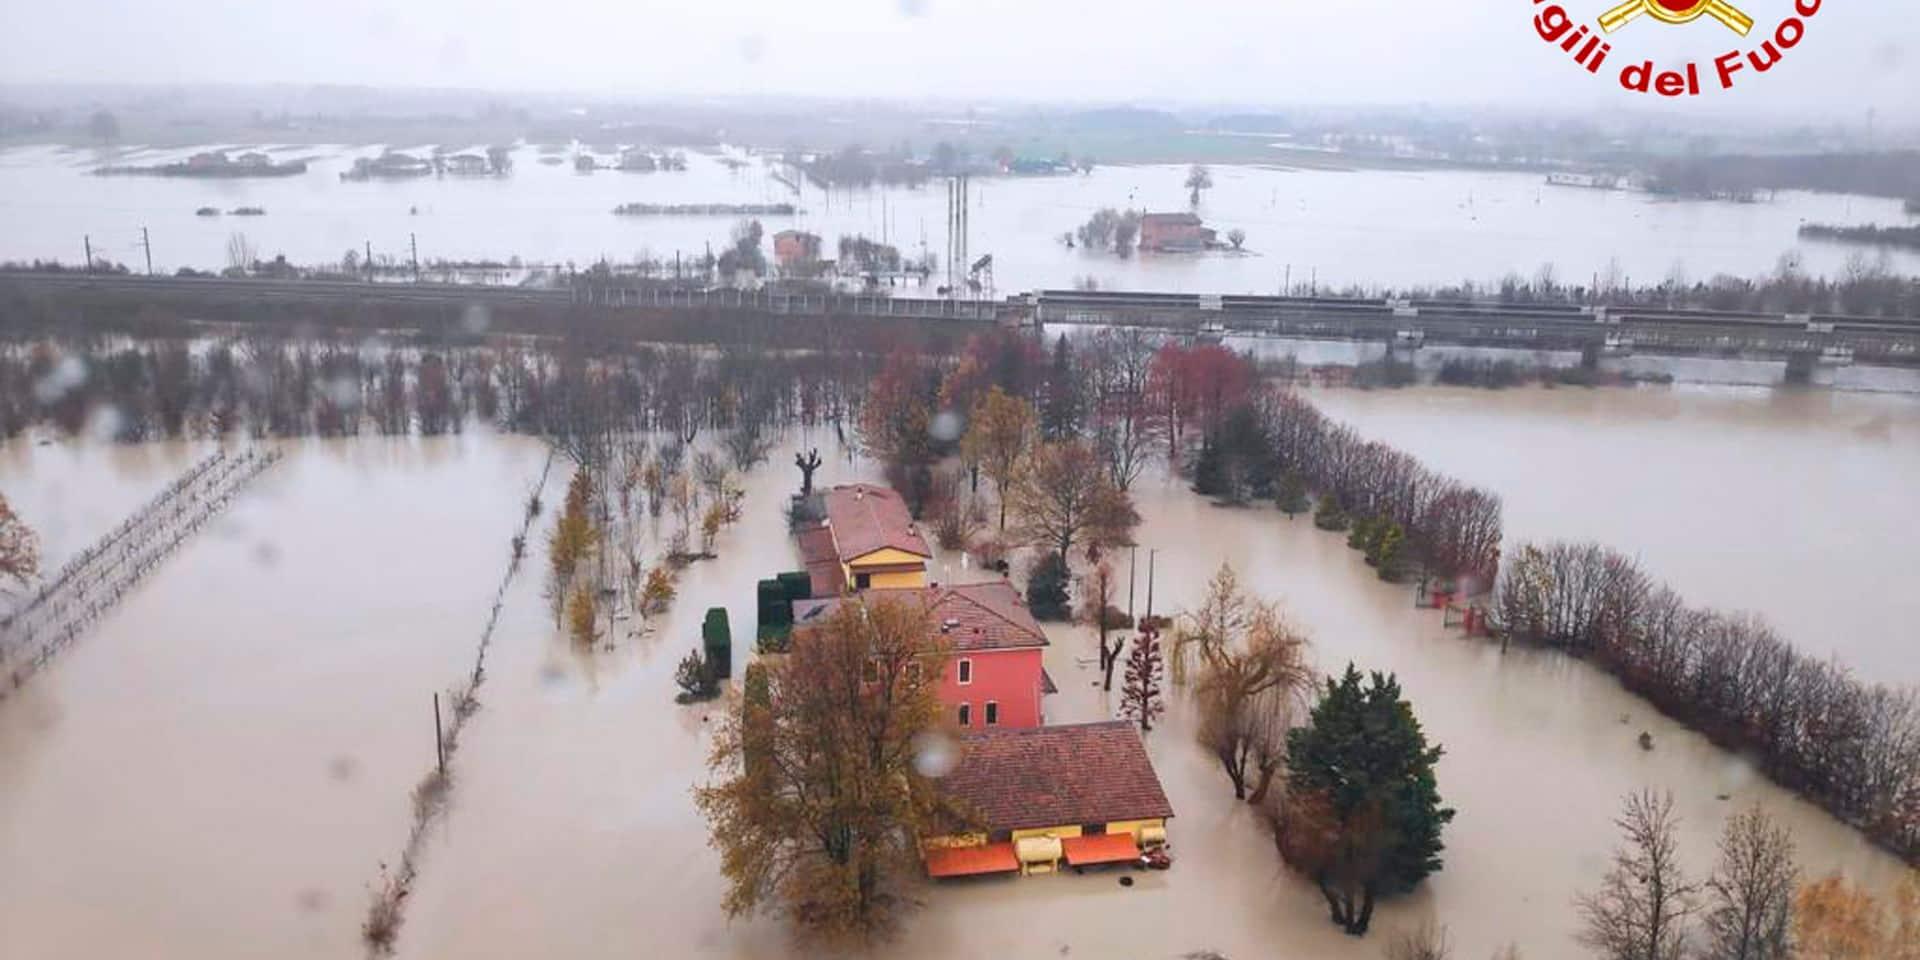 Italie: des intempéries provoquent des inondations dans le nord